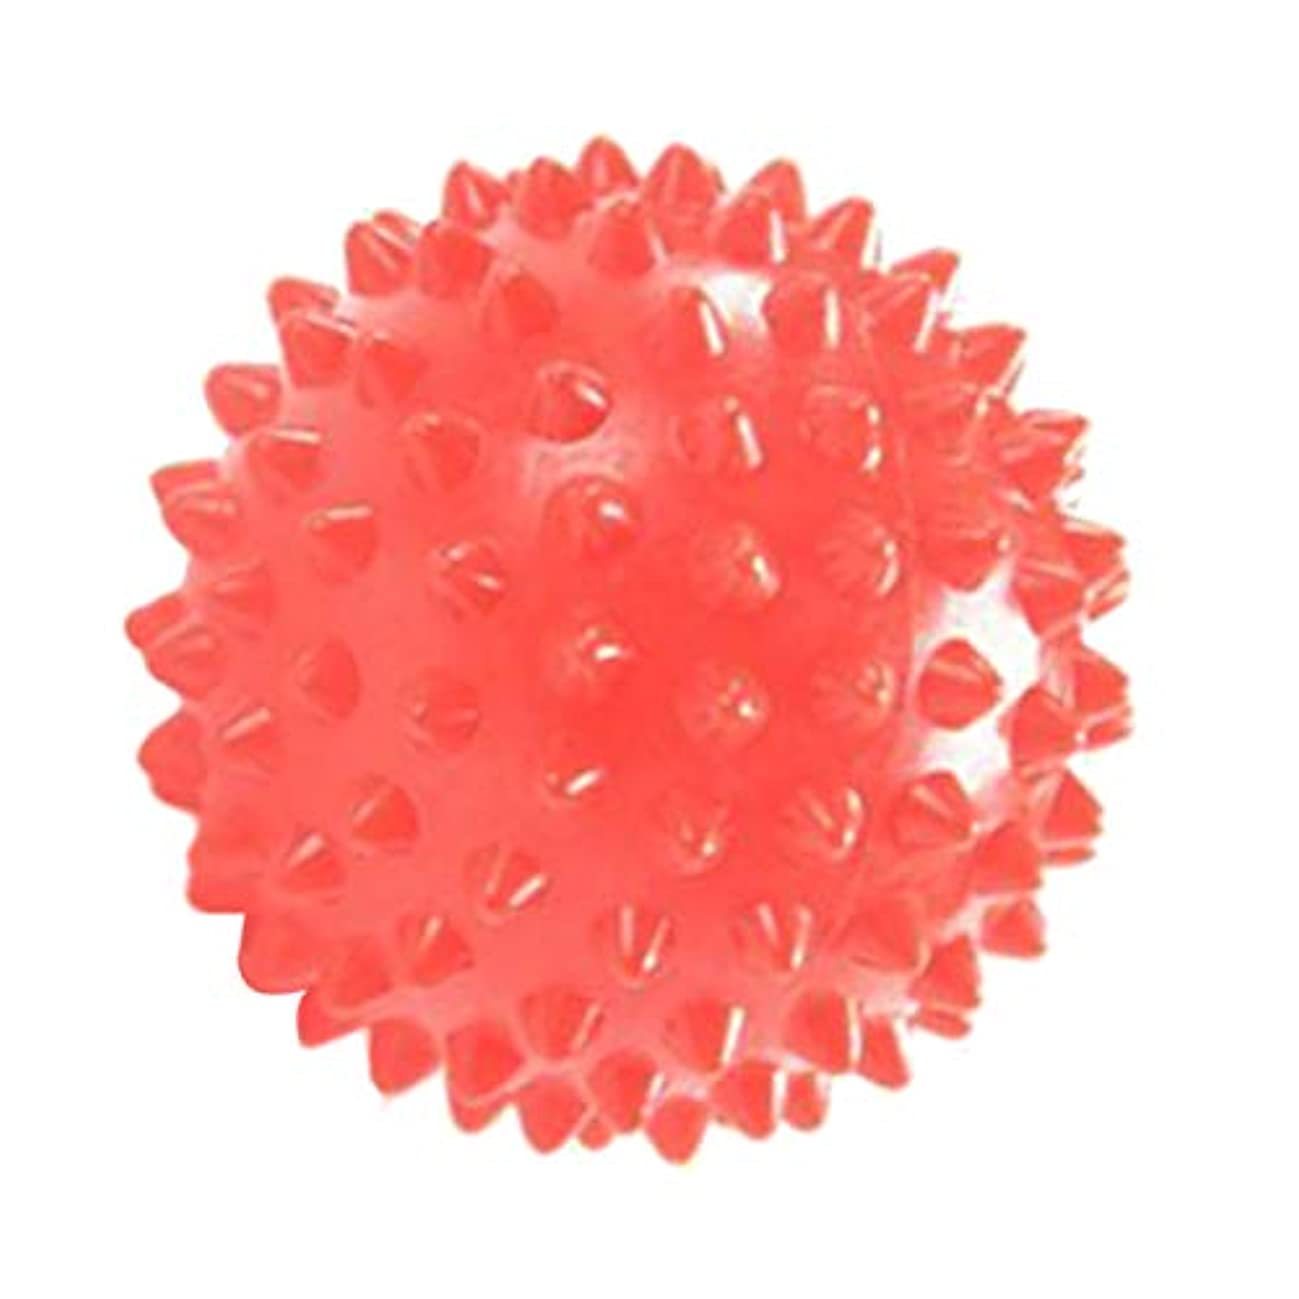 解凍する、雪解け、霜解け汚い認知chiwanji 指圧ボール 触覚ボール マッサージローラー ローラーボール 軽量 持ち運び便利 補助ツール